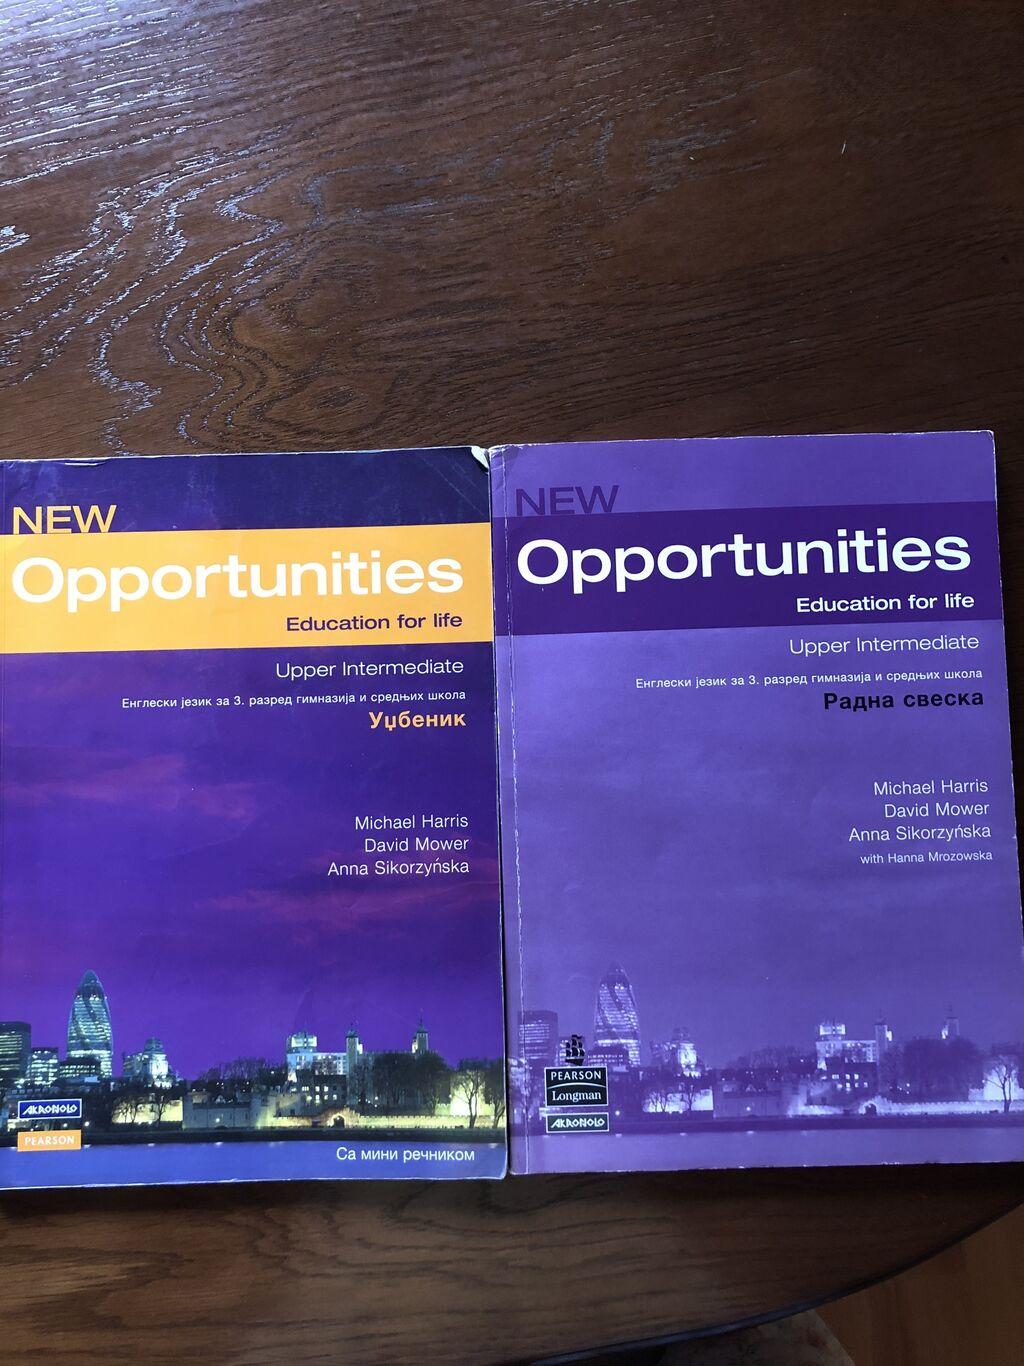 Knjige, časopisi, CD i DVD - Krusevac: Opportunities udzbenik  600 din. i radna sveska 500 dinara. Knjige su